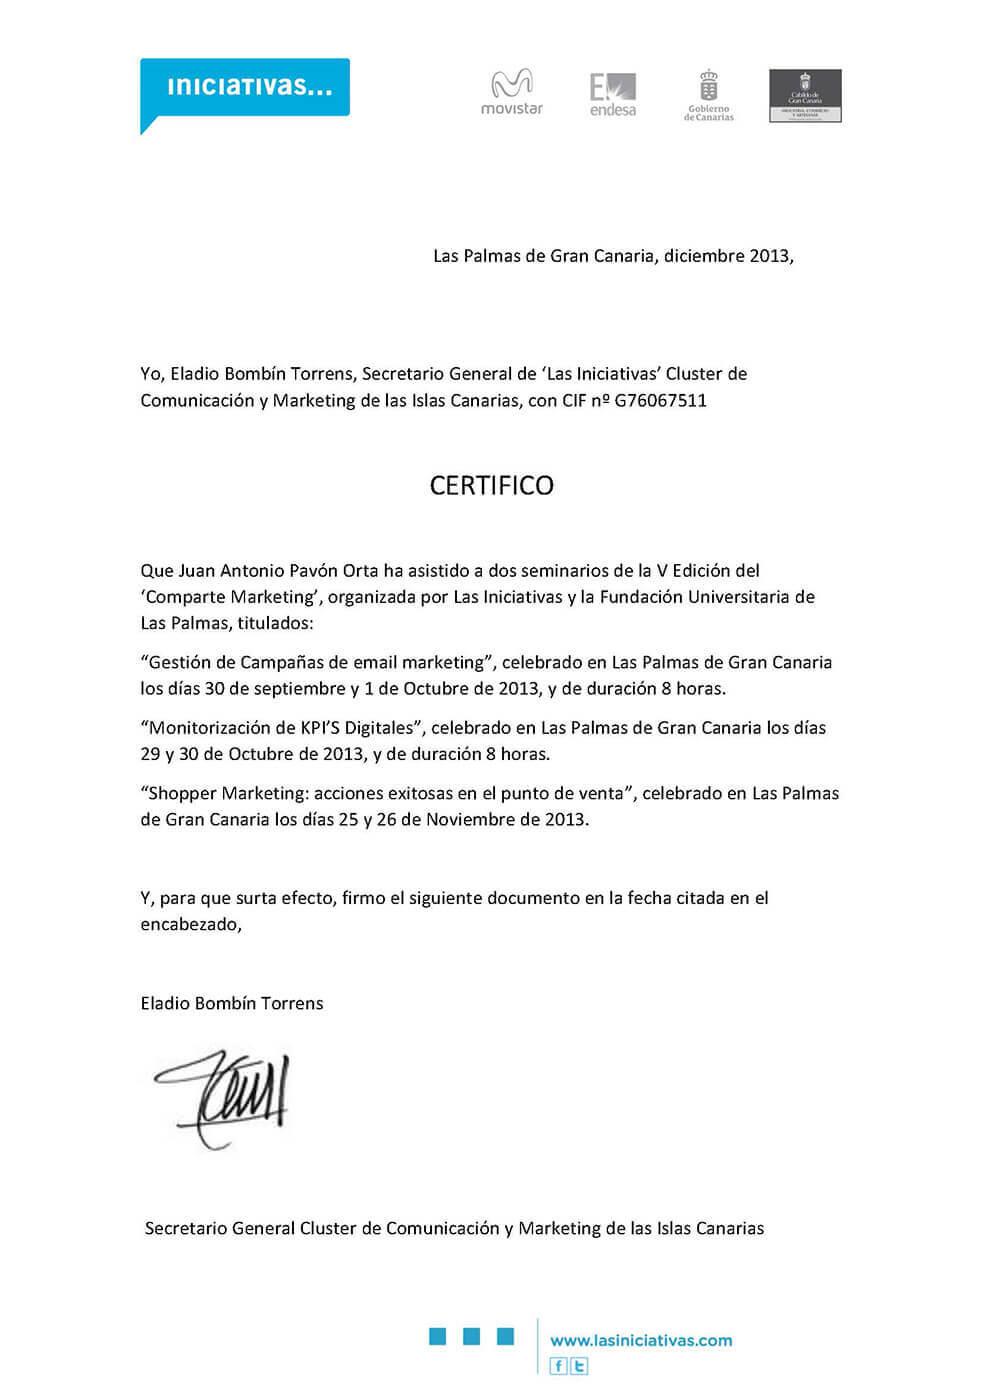 Monitorización de kpi digitales - Juan Antonio Pavón